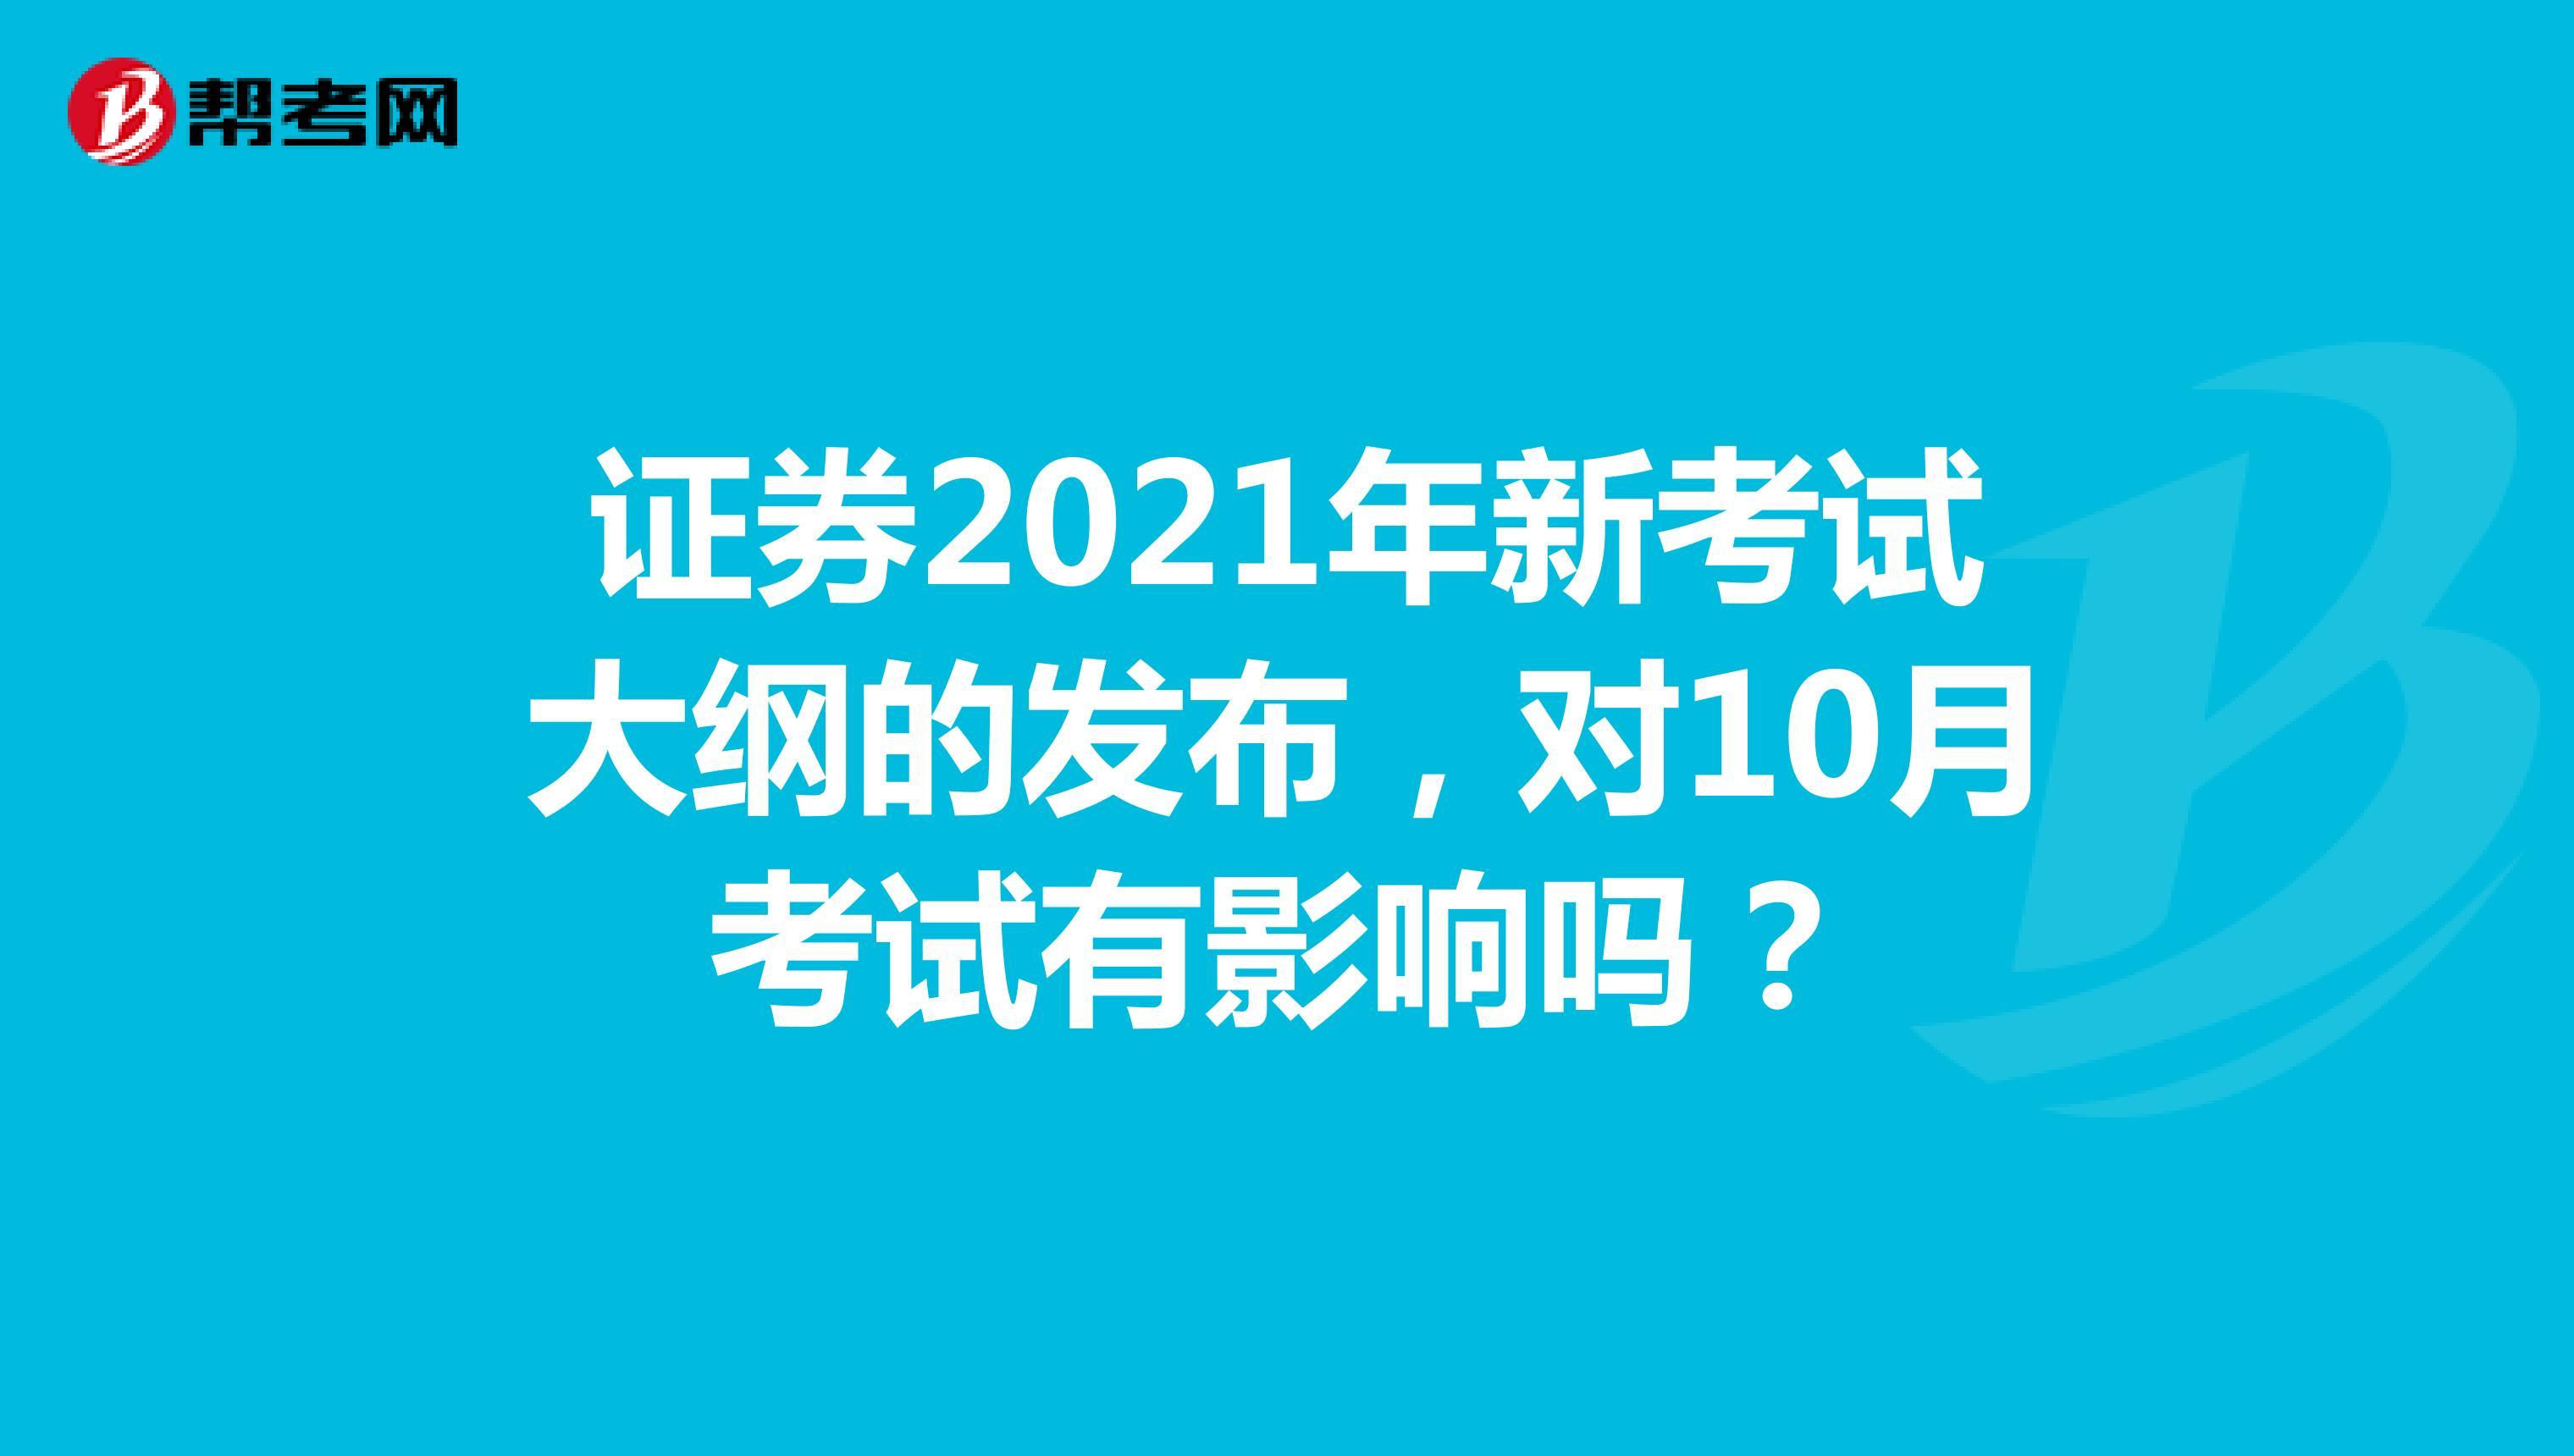 证券2021年新考试大纲的发布,对10月考试有影响吗?